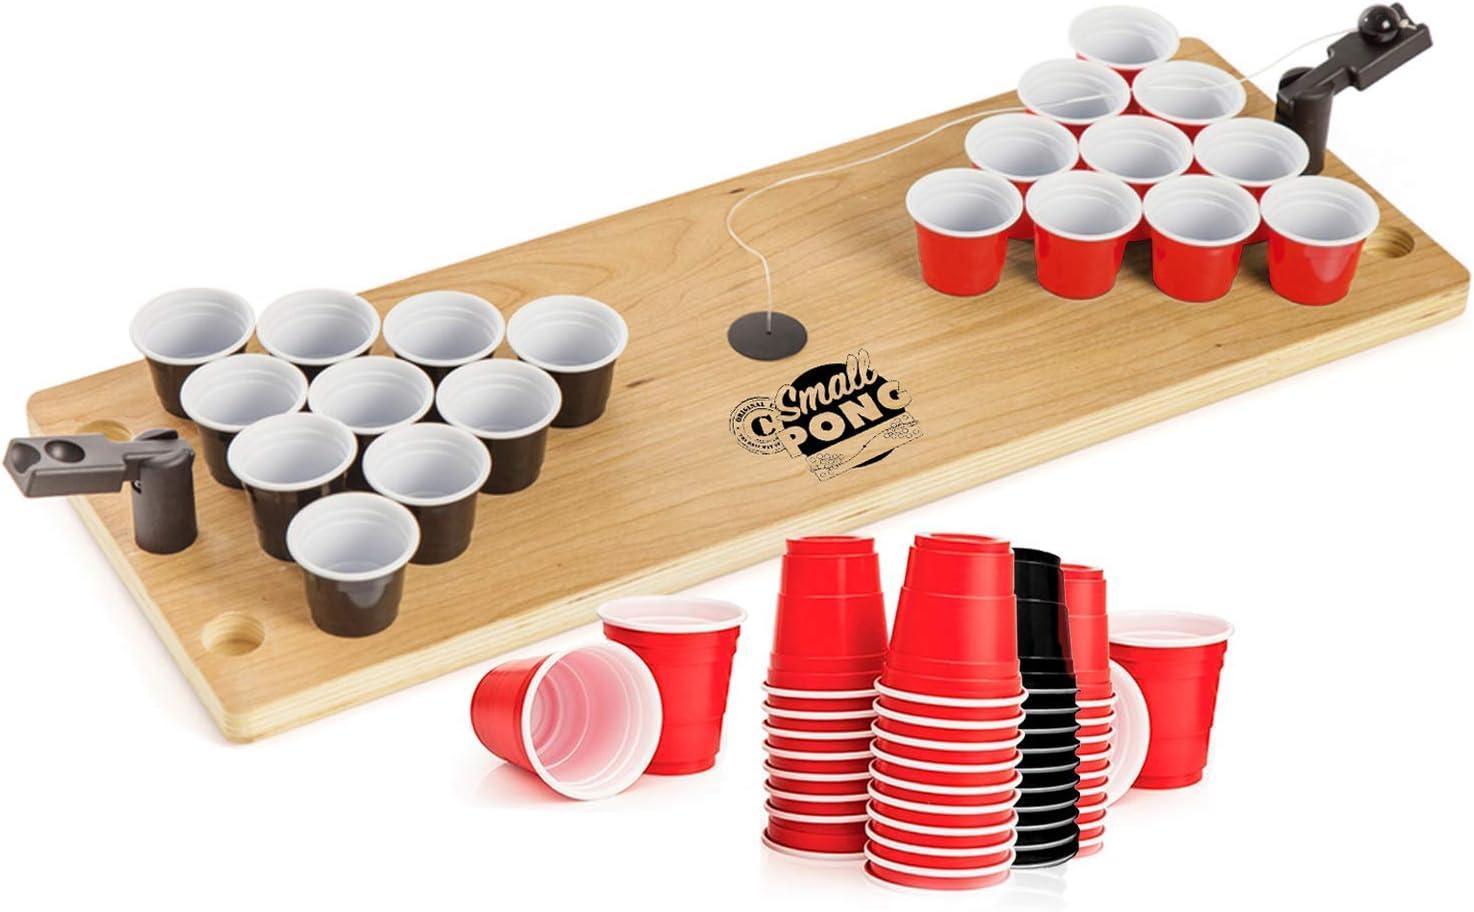 60 Blue /& 60 Red Qualit/é Premium Pack Beer Pong Officiel Team Red /& Blue 120 Cups 1 Table Beer Pong Table Officielle OriginalCup/® Jeu /à Boire + 6 Balles Ap/éro Kit Complet